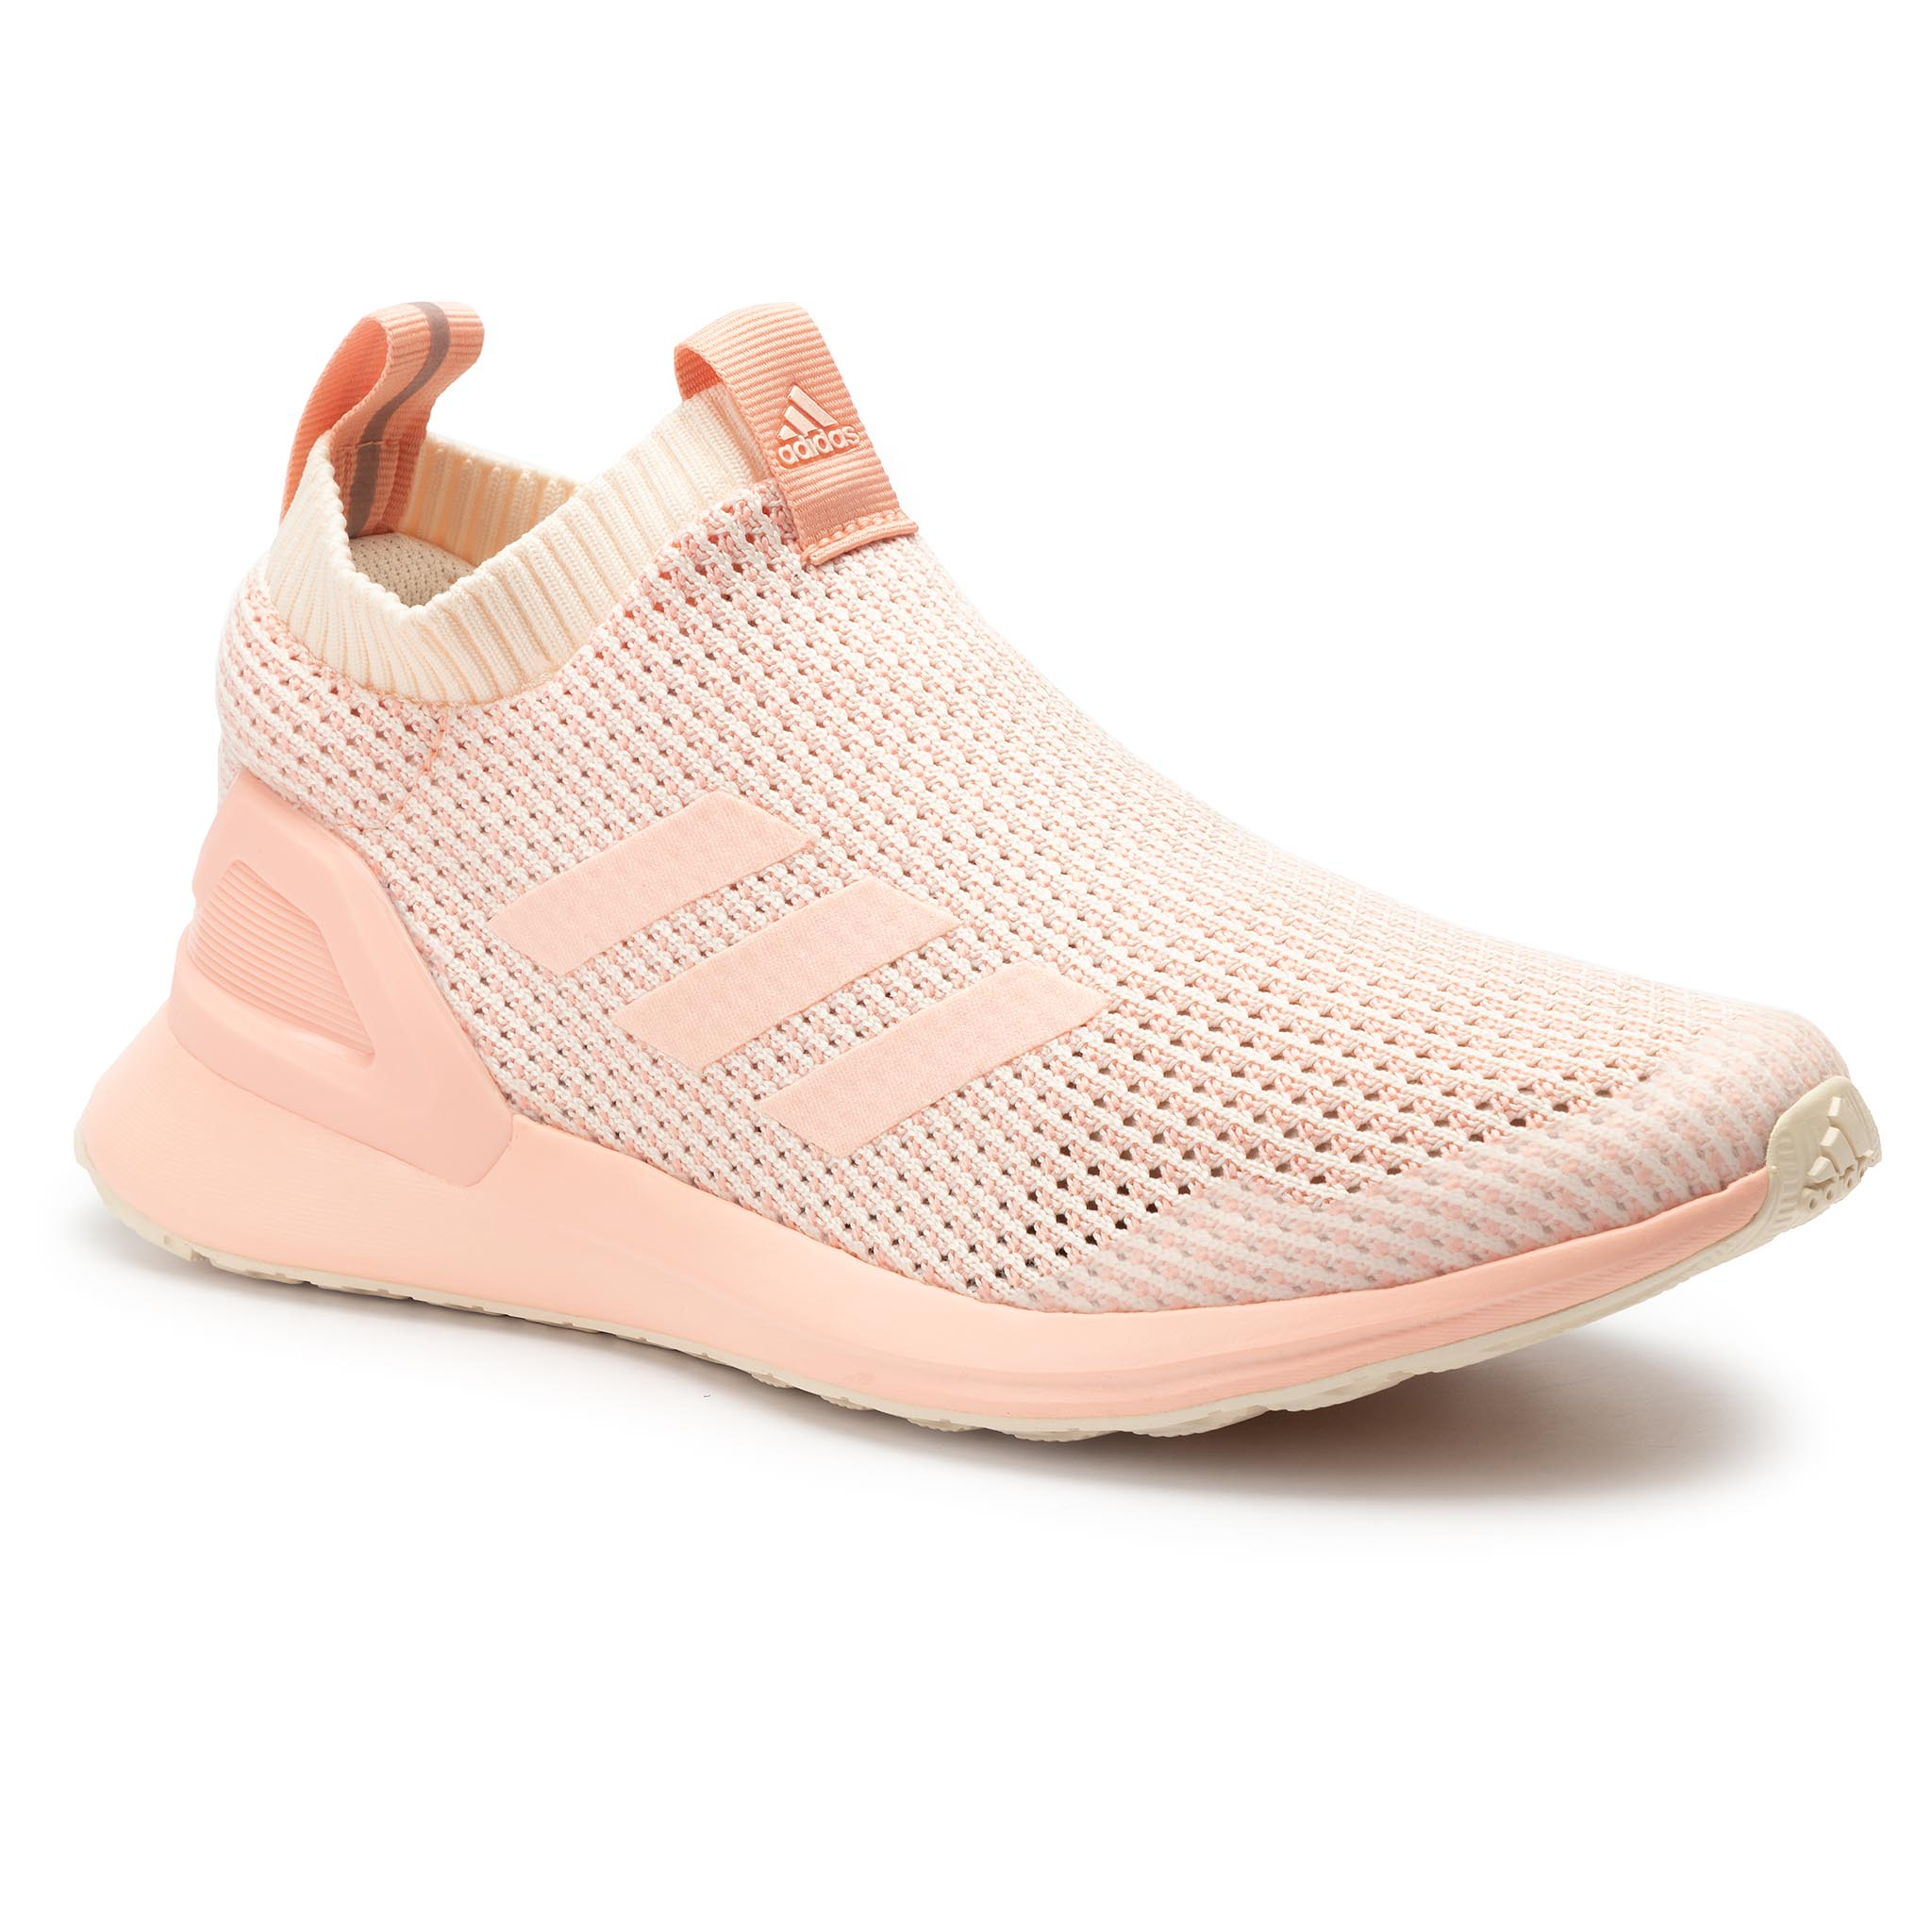 Sneakers 19sukk01 Knitted 5096 Ankle Desigual Sneaker JK1cF3Tl